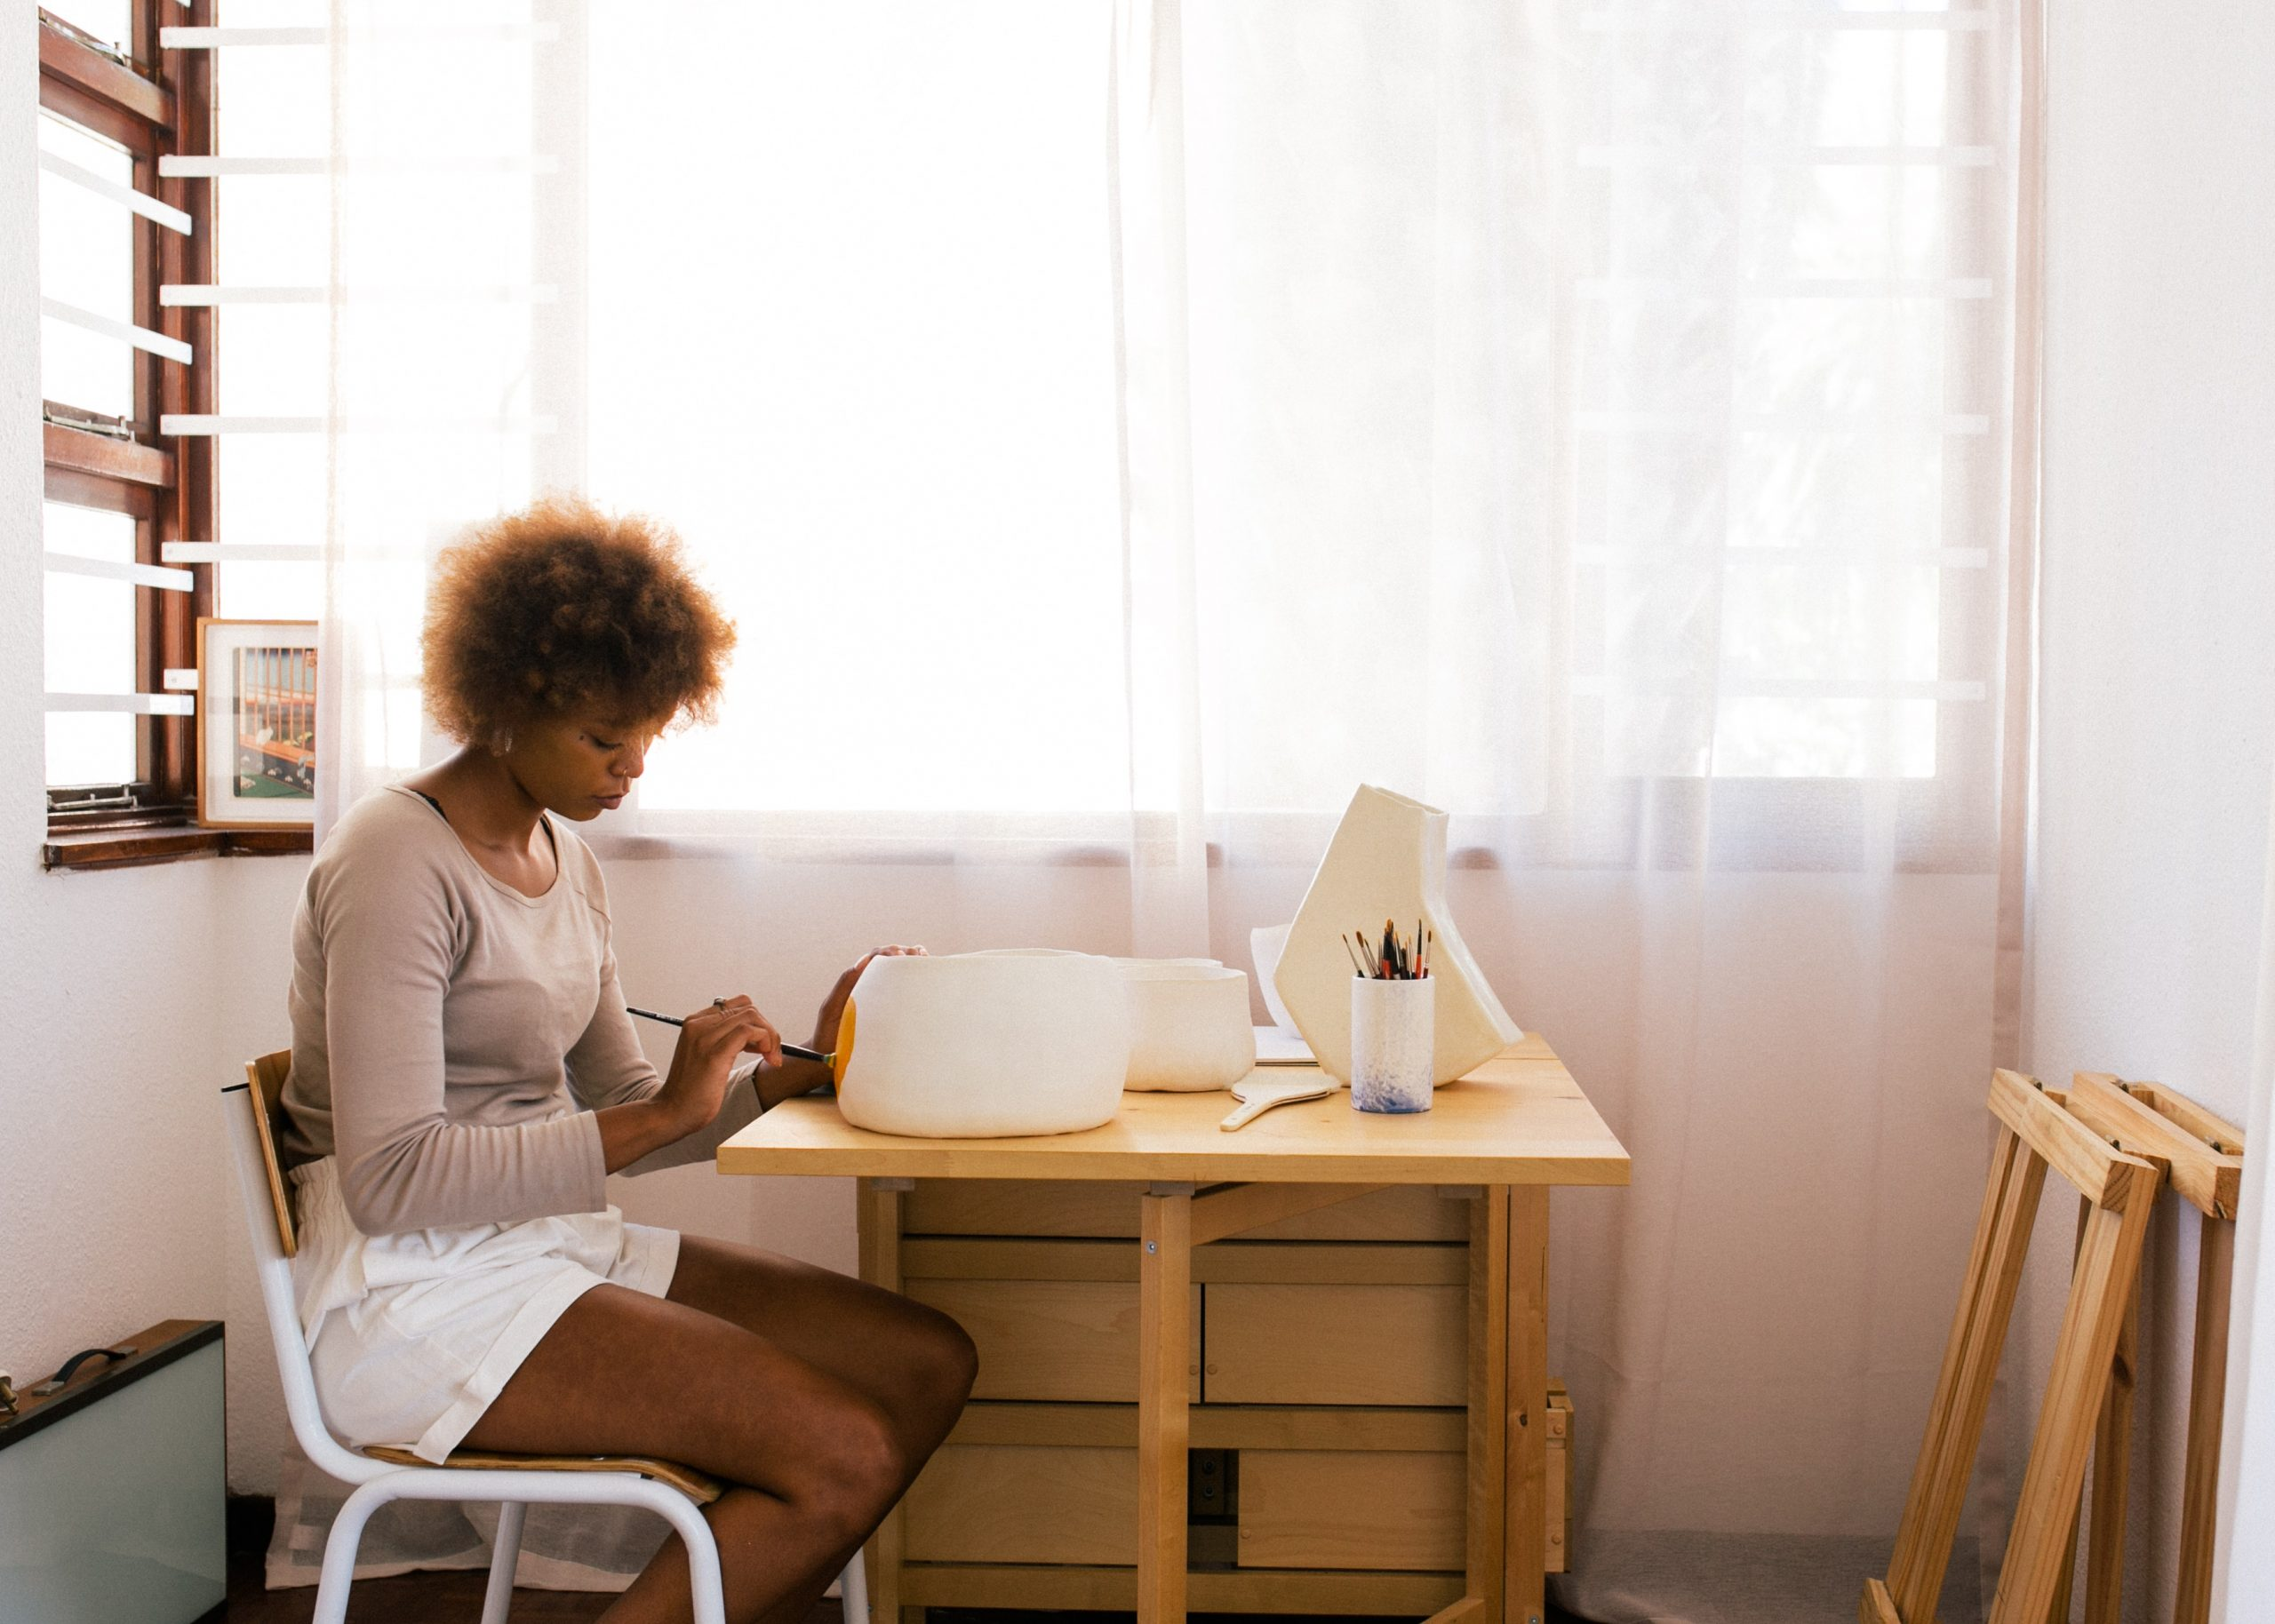 Na foto uma mulher sentada pintando uma tigela.